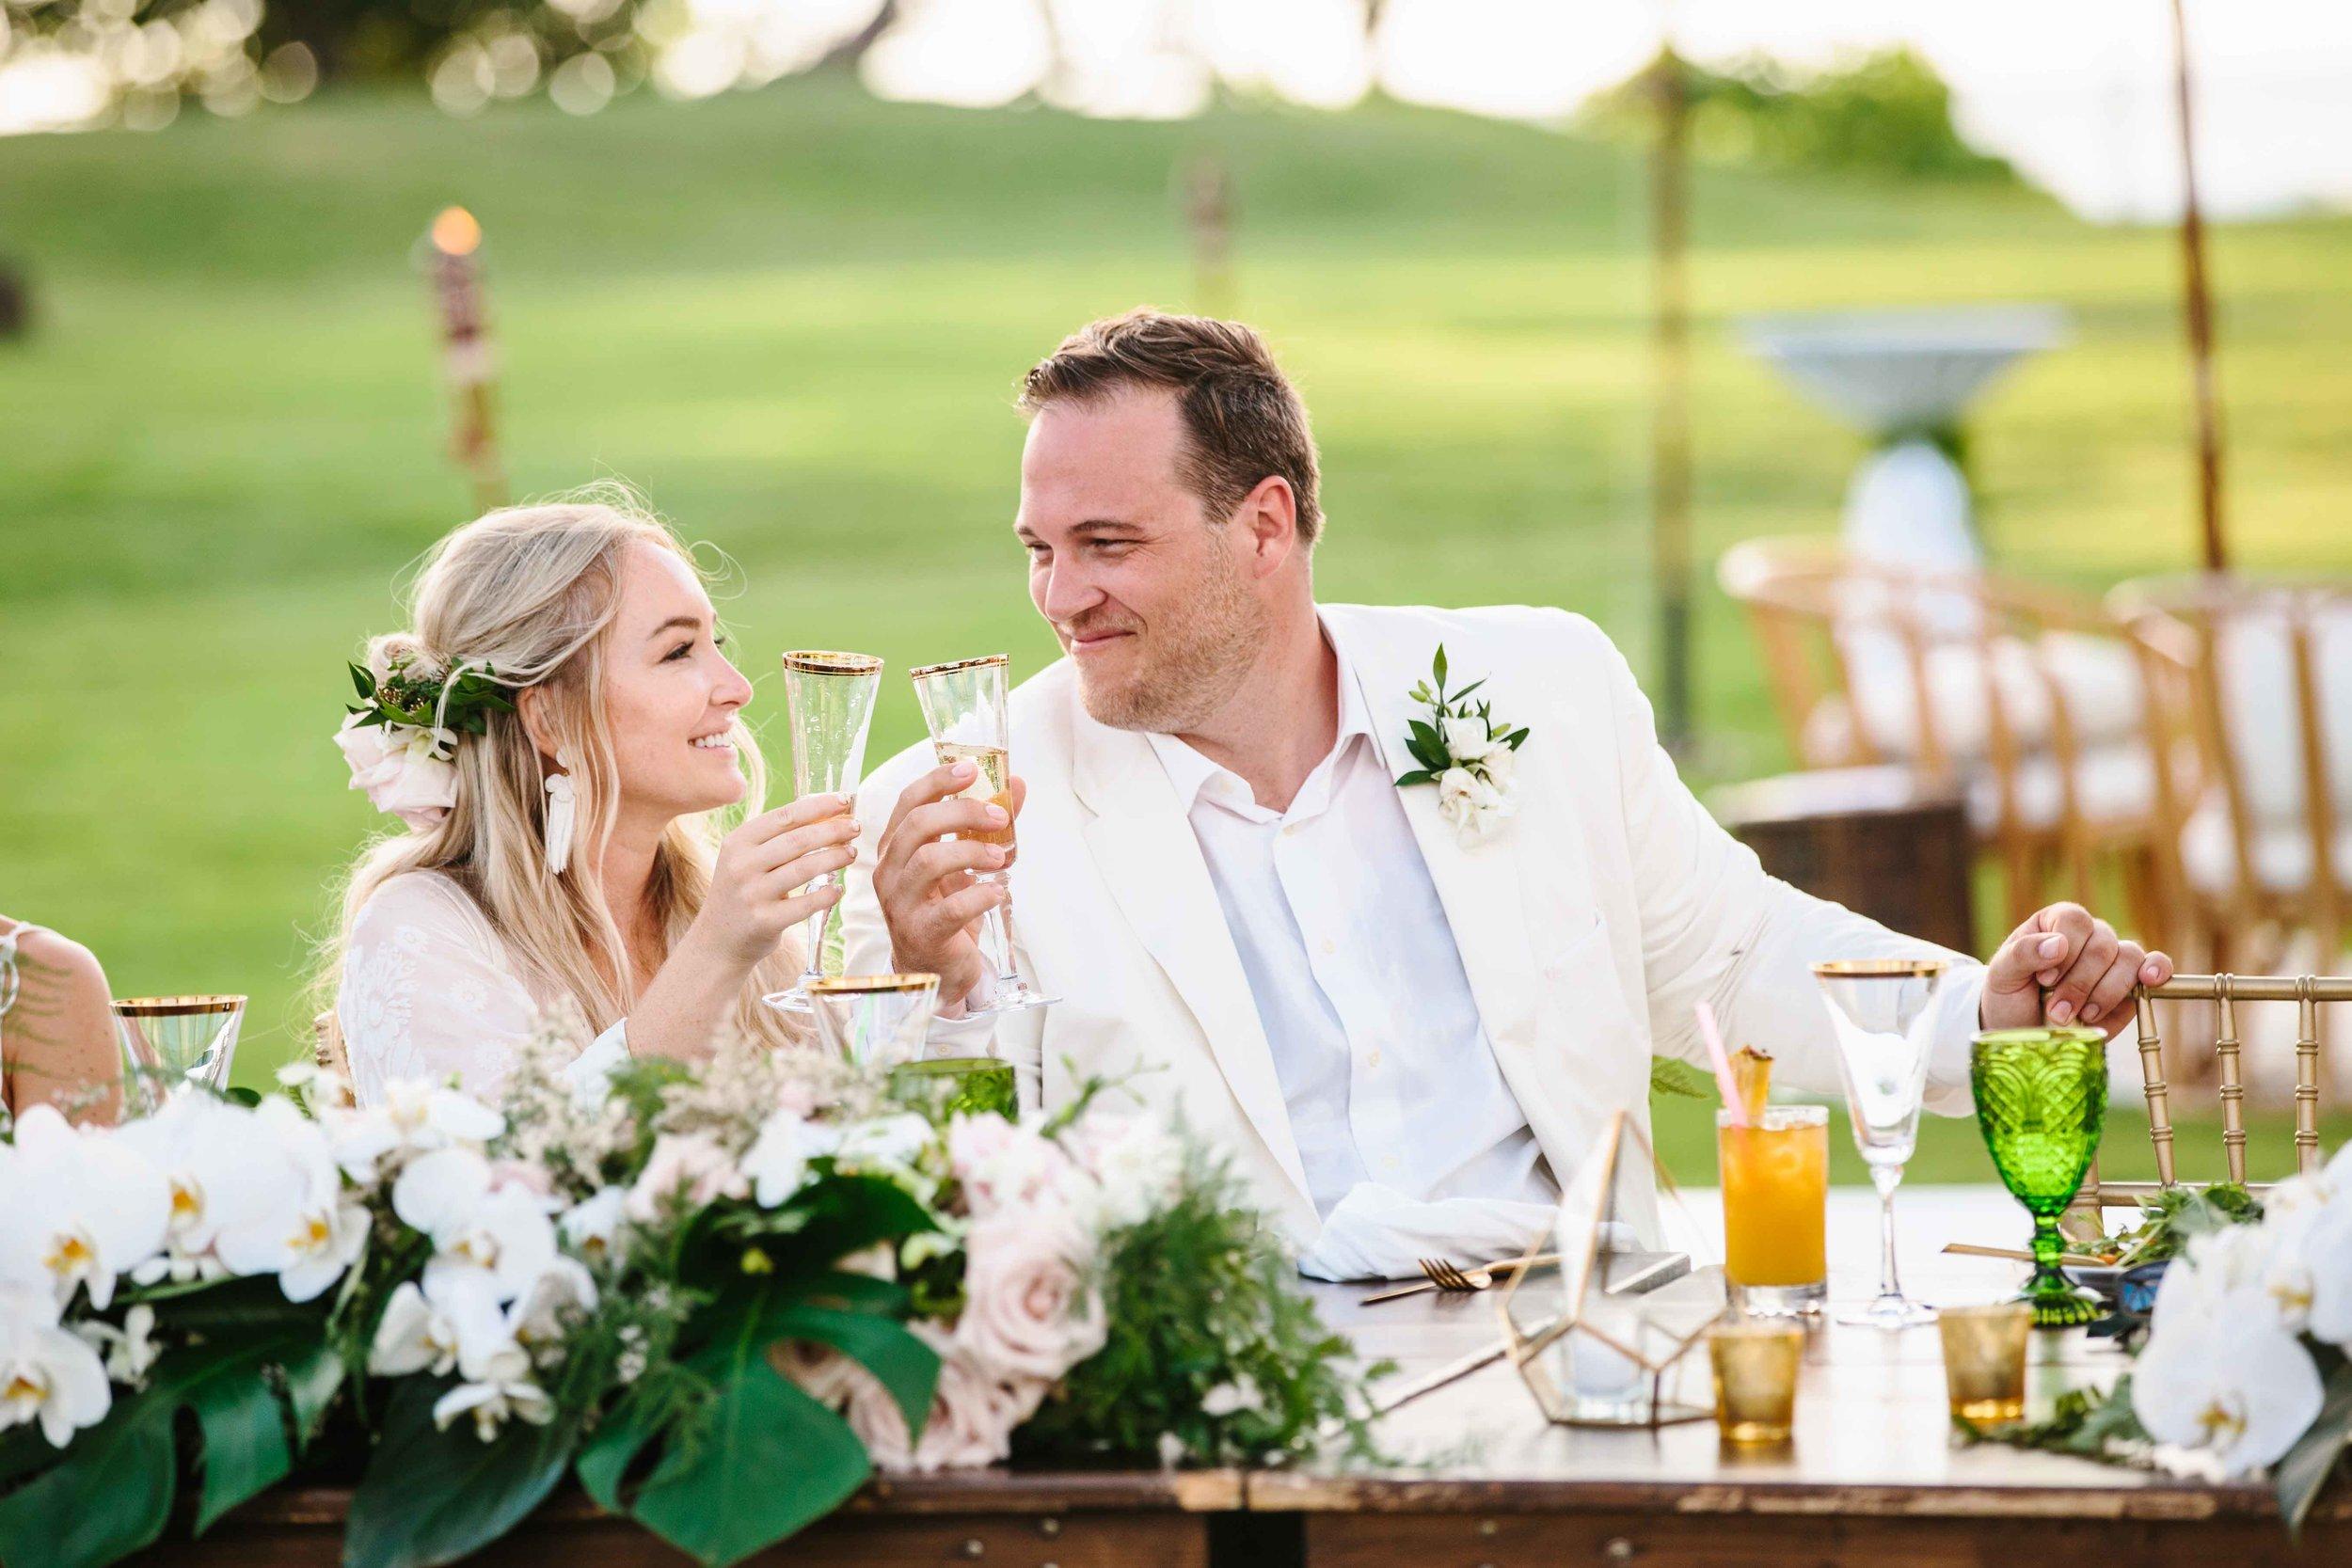 Bride and Groom Toasting at Hawaii Wedding Reception